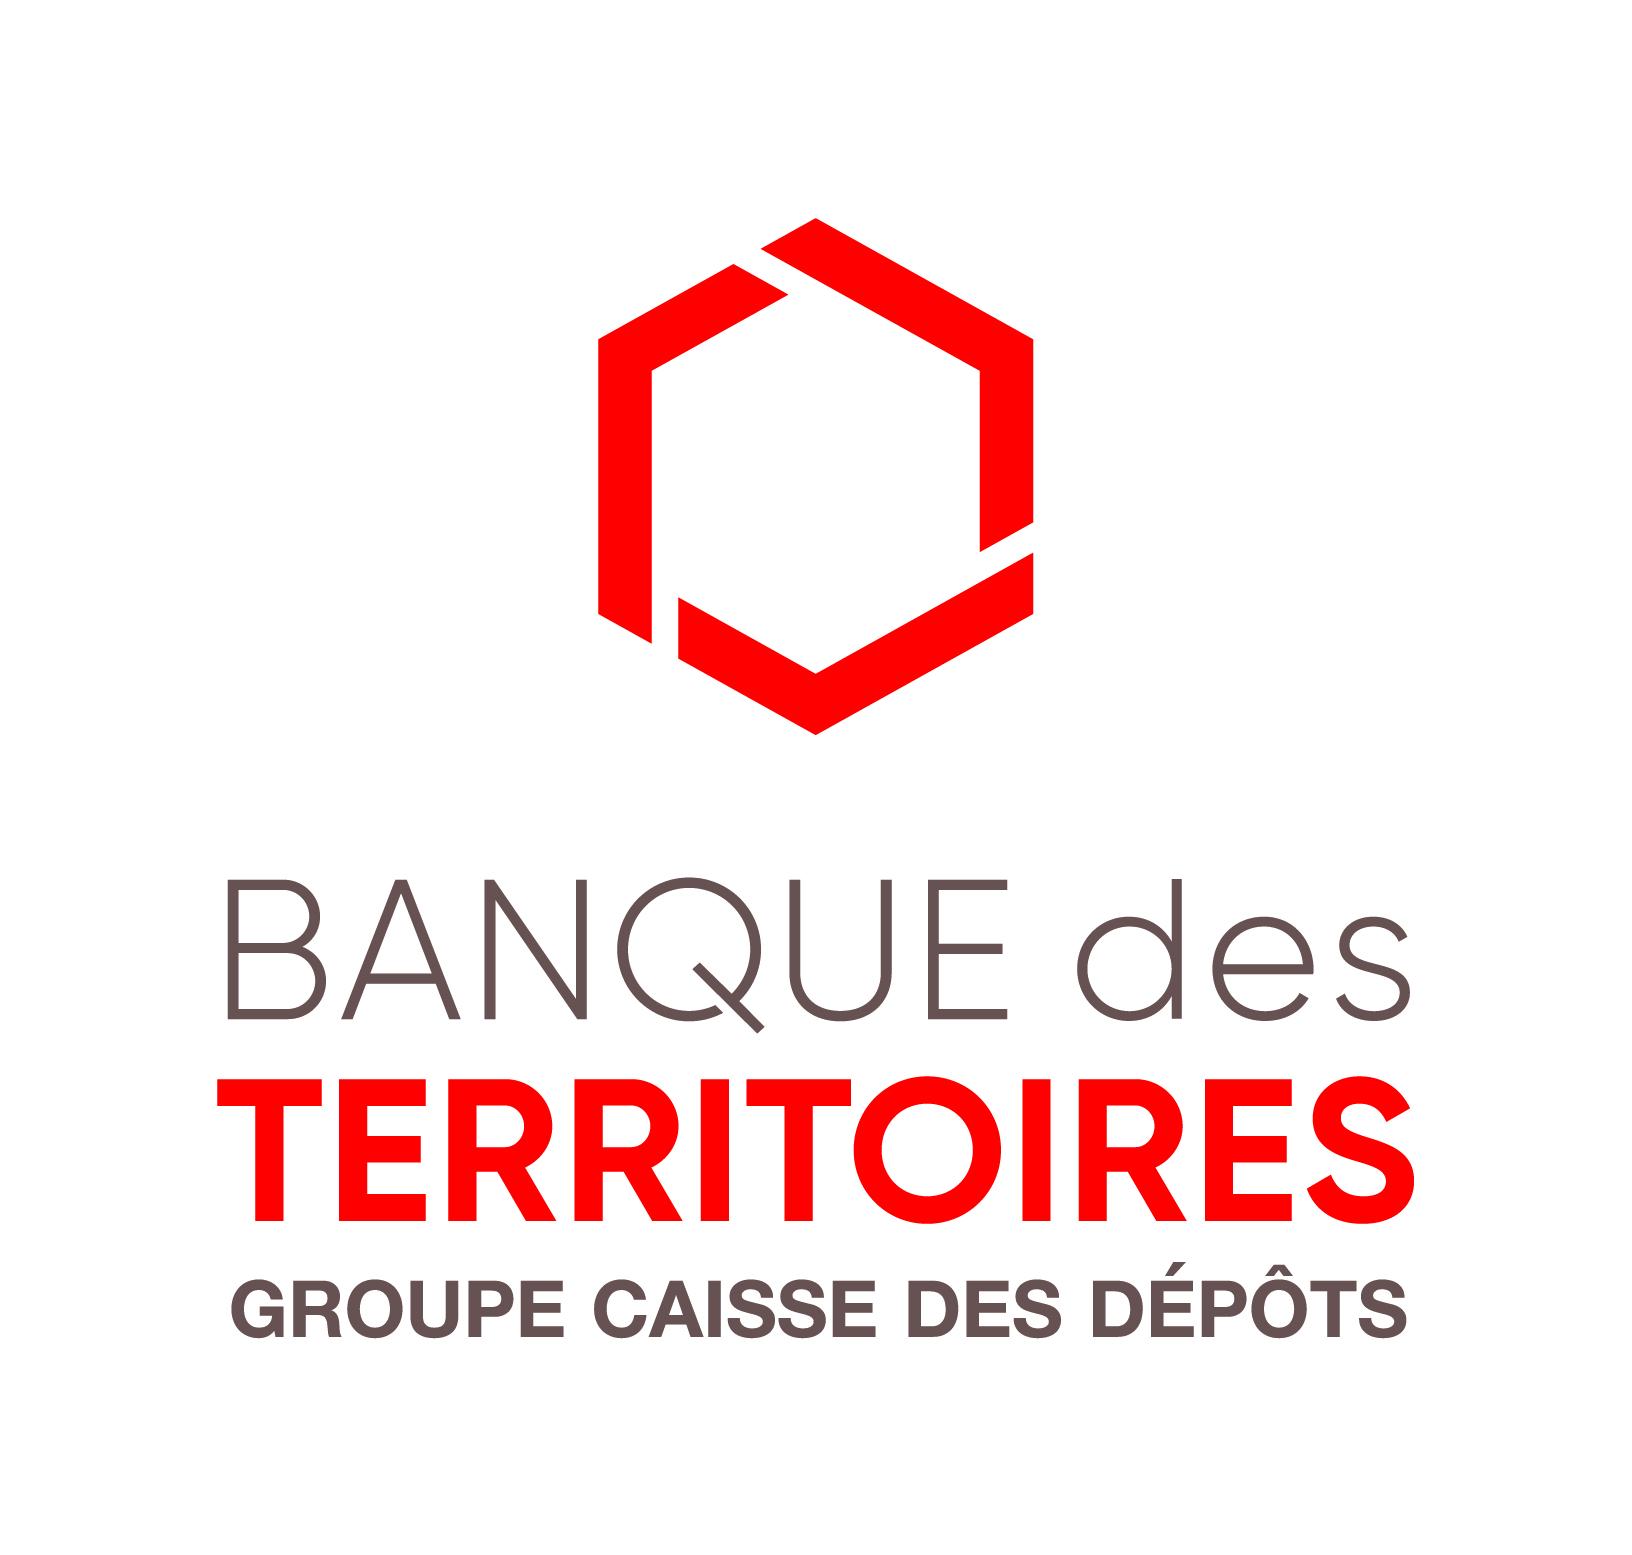 banque des territoires caisse des dépôts